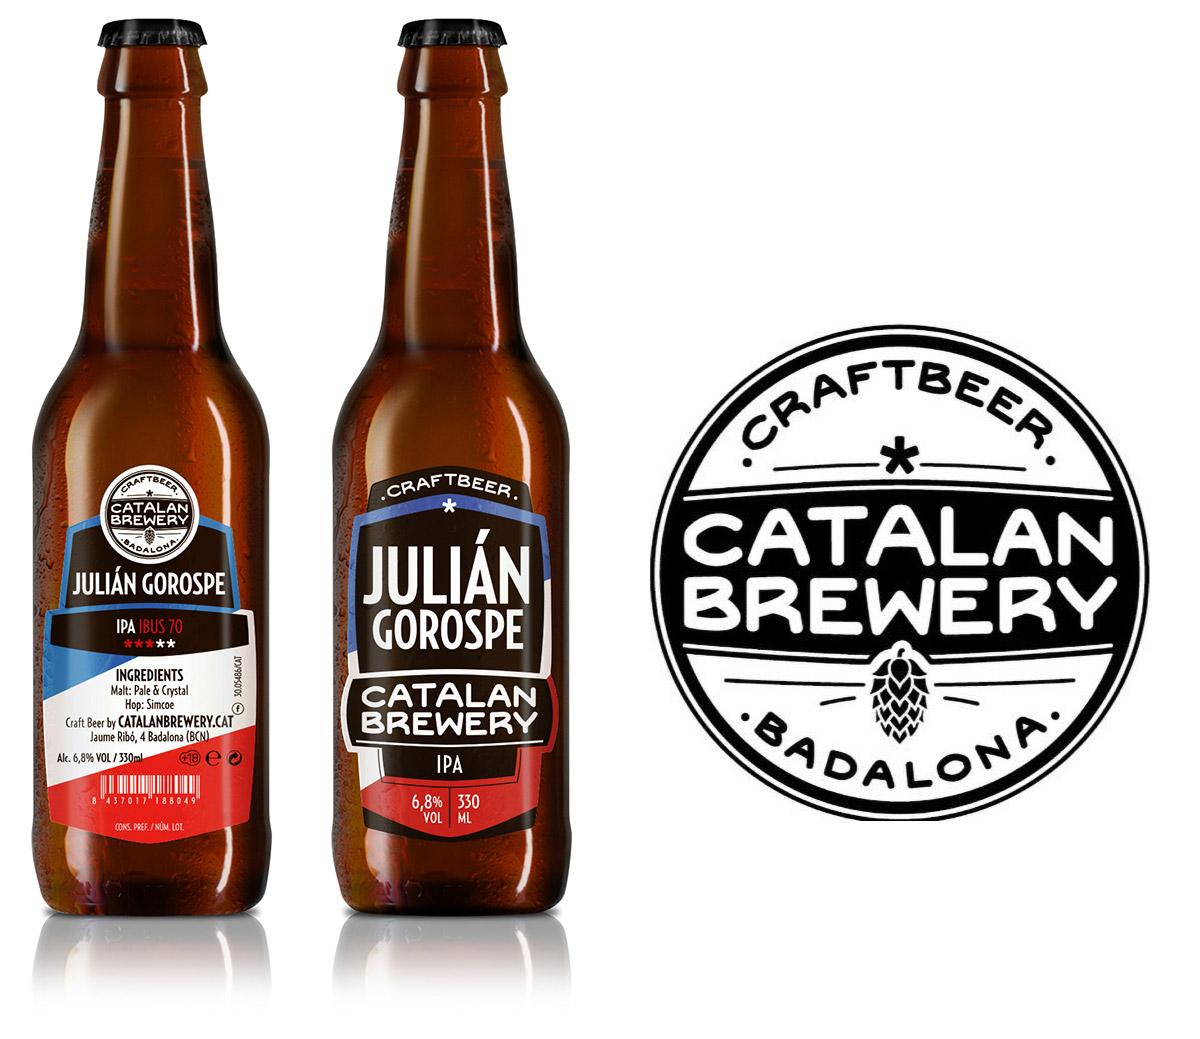 Julián Gorospe, cerveza artesana de Catalán Brewery